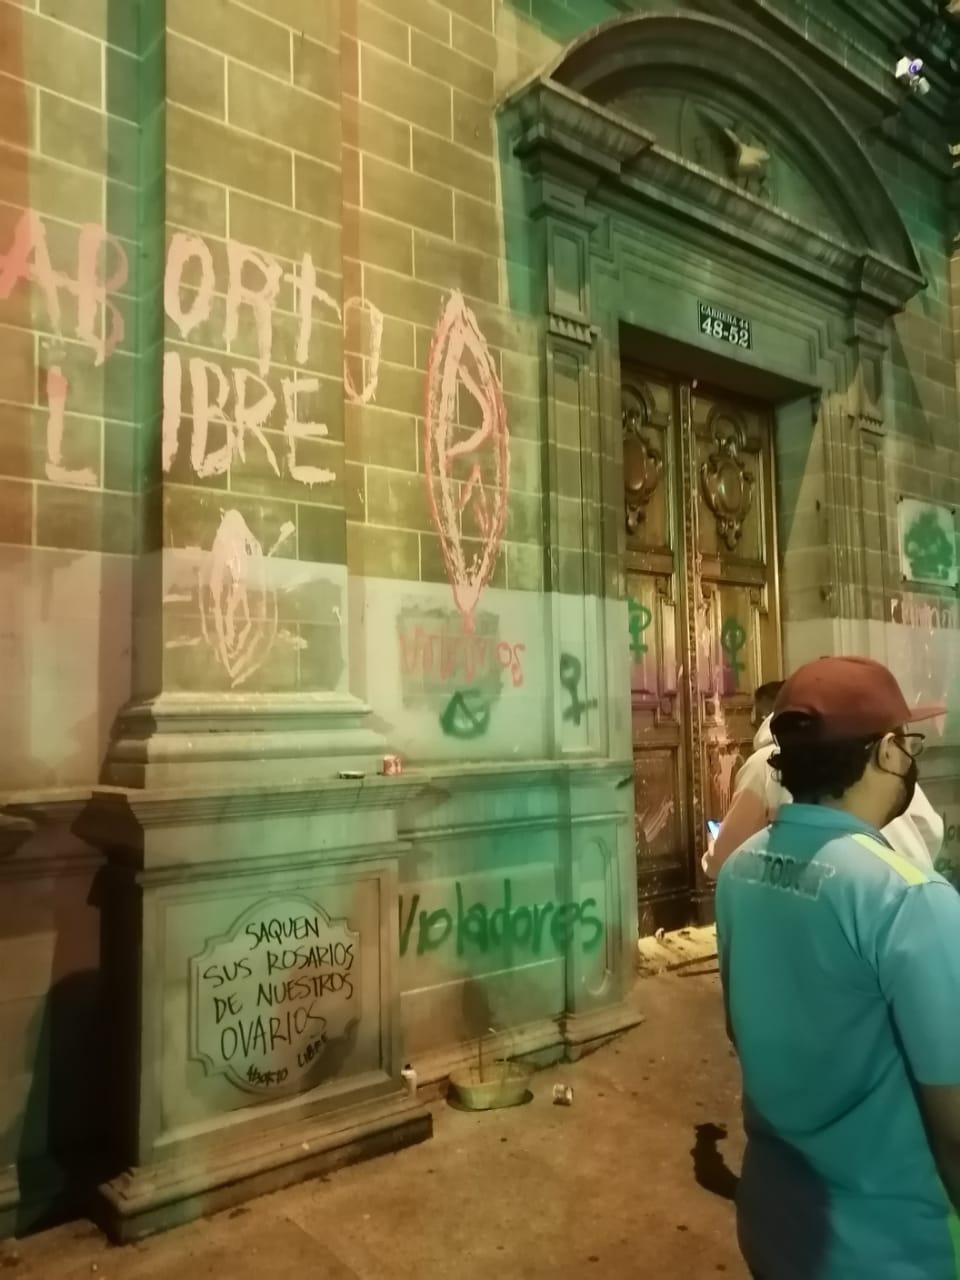 Rechazo acto vandálicos